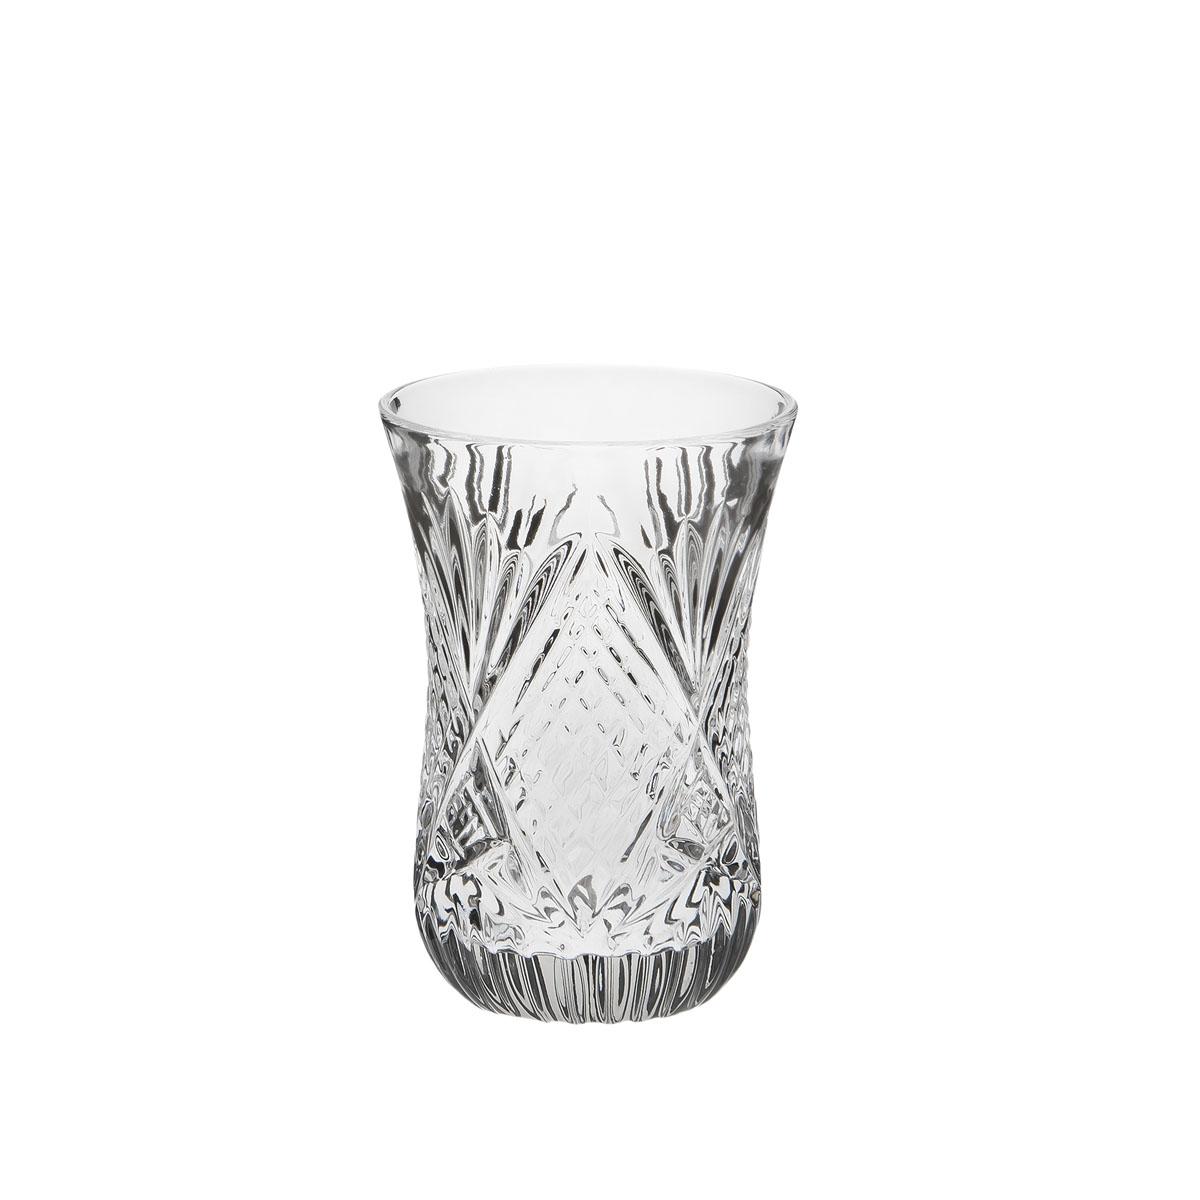 Стакан Дятьковский хрусталь Восточный, 125 мл. С998EL10-806Хрустальные стаканы – красивое и простое решение для украшения праздничного стола. Стаканы из хрусталя универсальны, они подойдут и для алкогольных напитков – вина, шампанского, и для освежающих – минеральной воды, компота или сока. Если в вашей домашней коллекции еще нет предметов хрустальной посуды, купить хрустальные стаканы стоит обязательно.